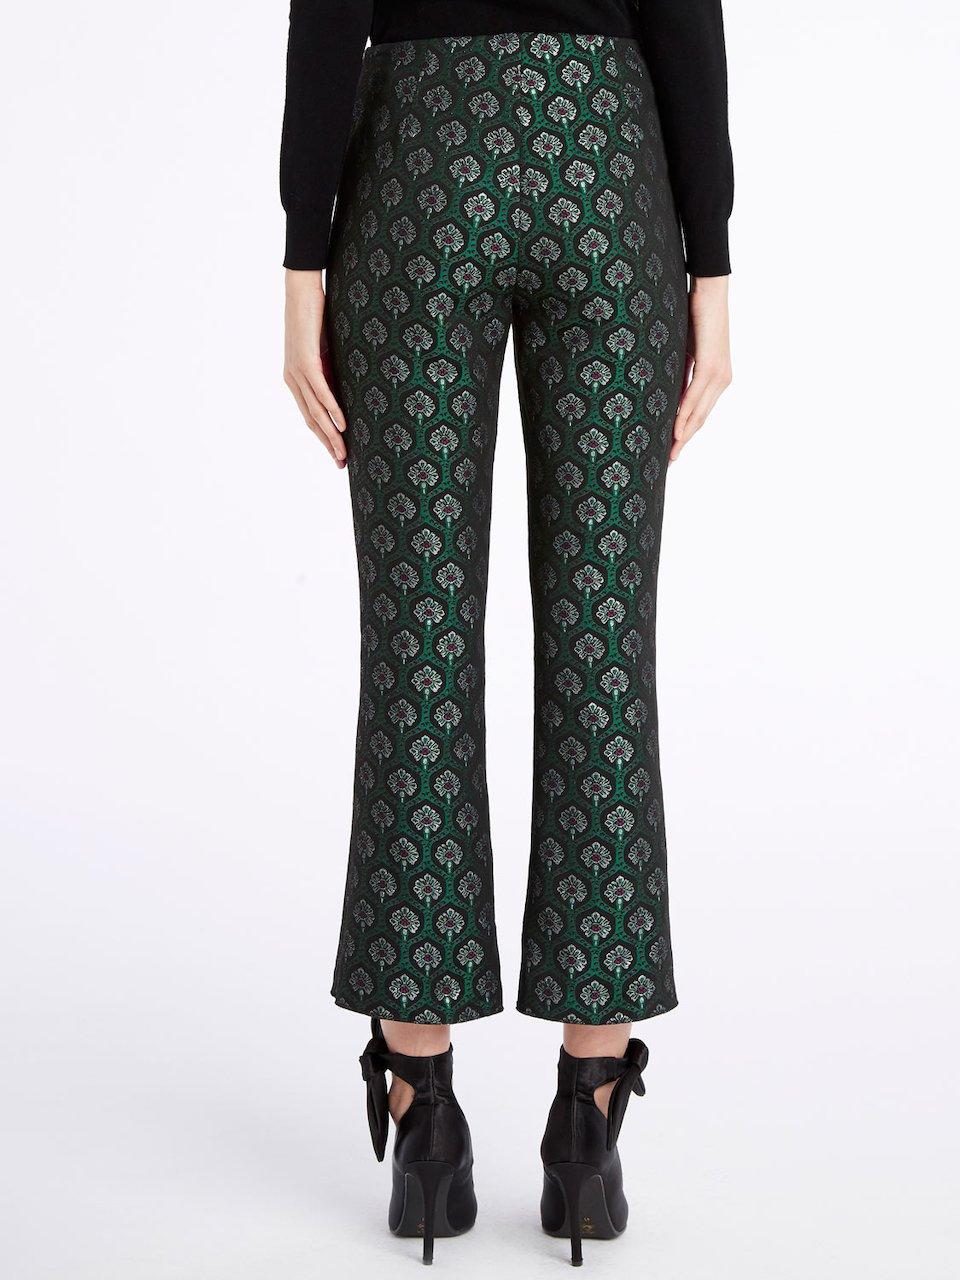 a basso prezzo e9c9f 90792 Pantaloni Jacquard A Trombetta | Blumarine ®